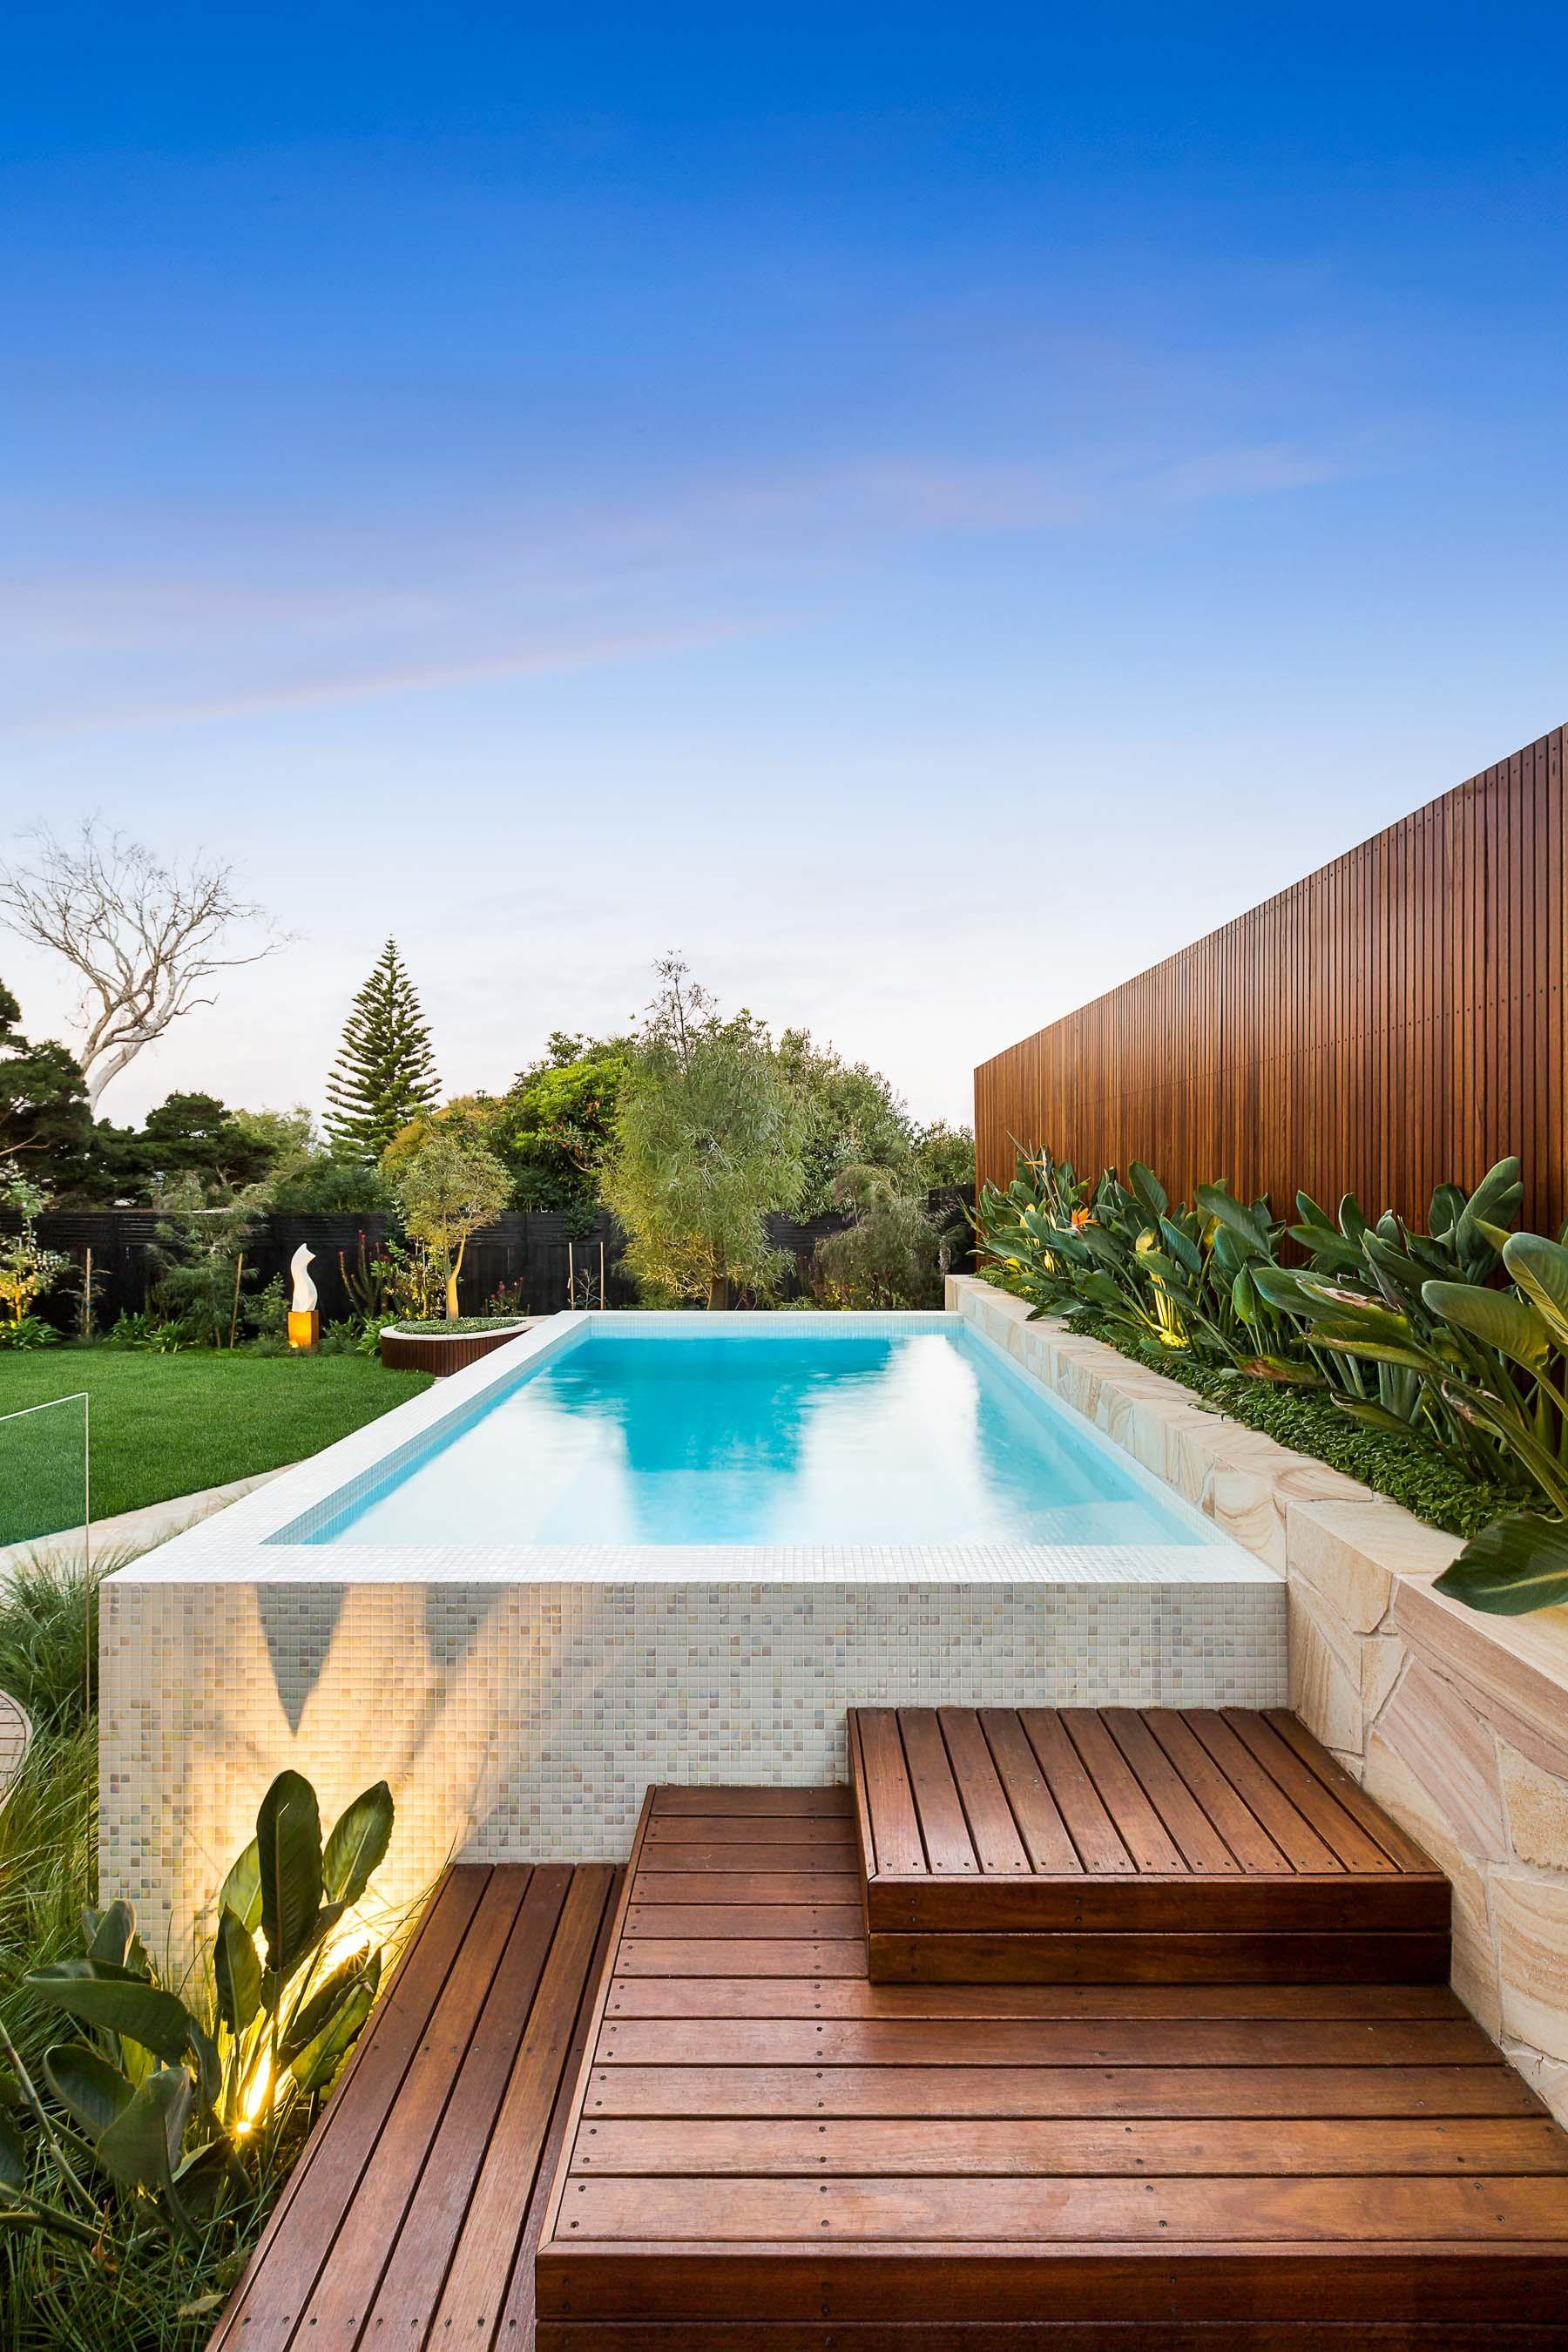 Pool-Tiles Gallery Australian whitehaven-03